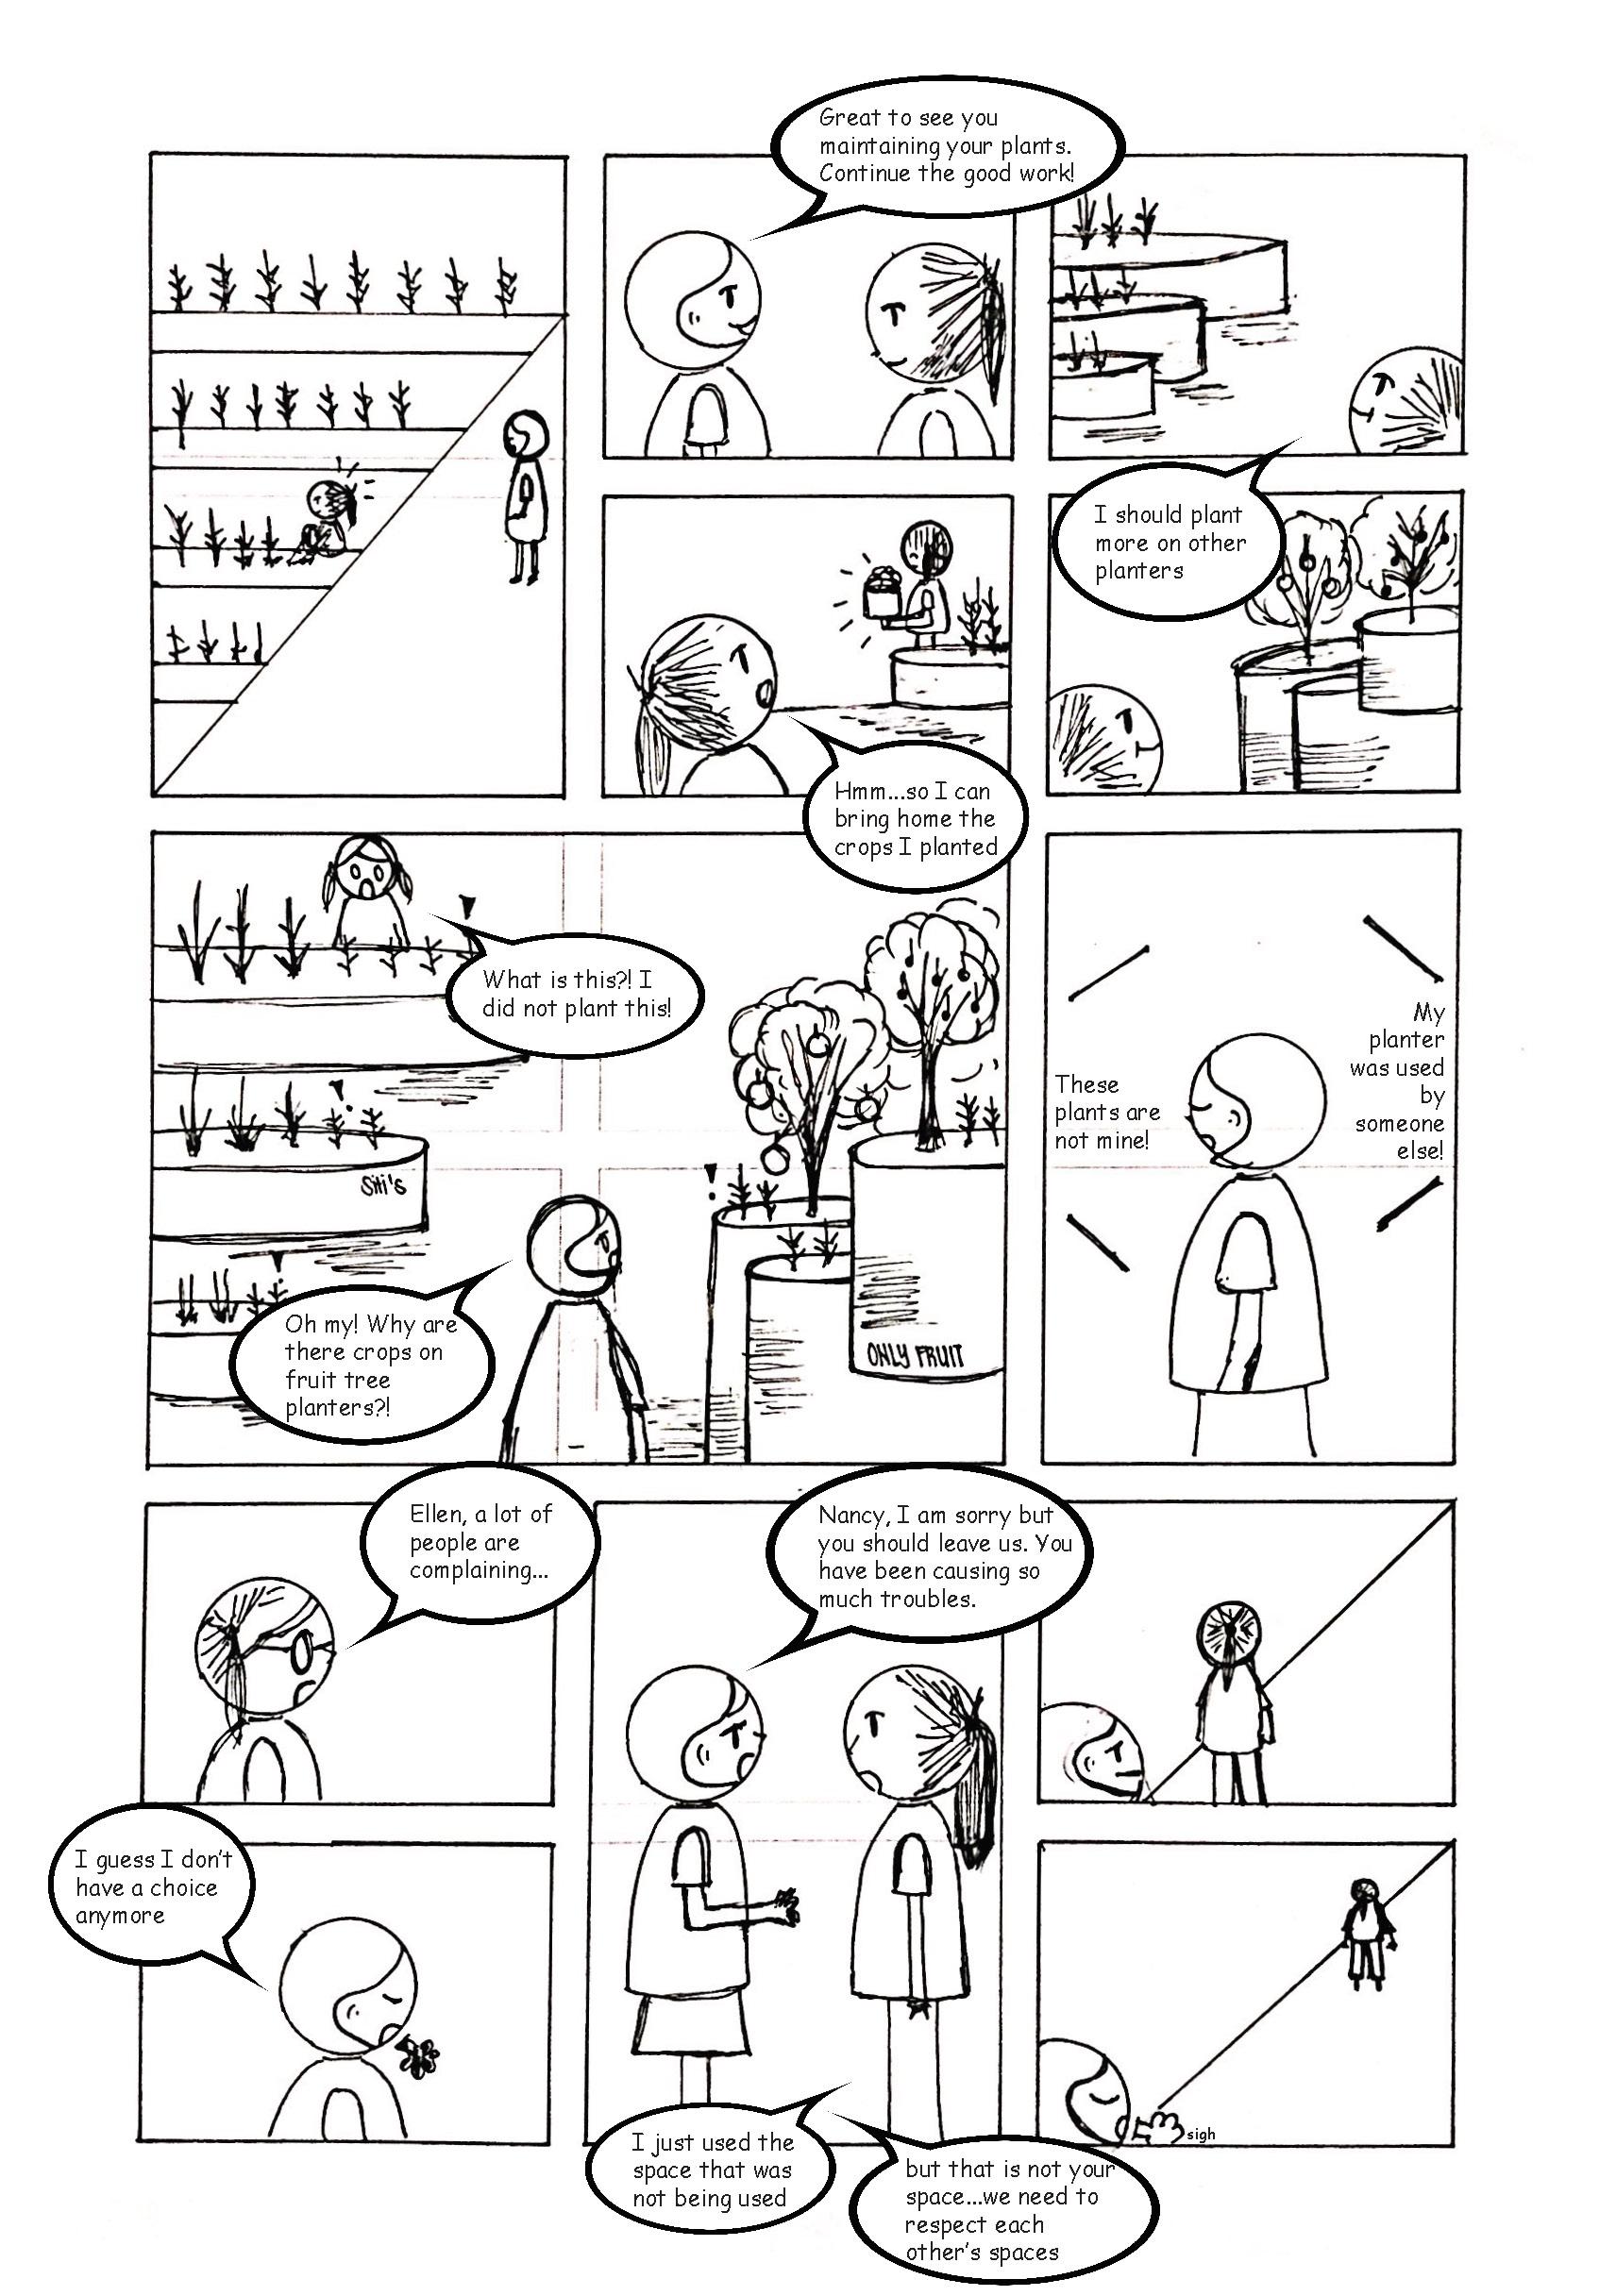 Hyosoo Lee_Week 4 Comic Scans_Page_3.jpg